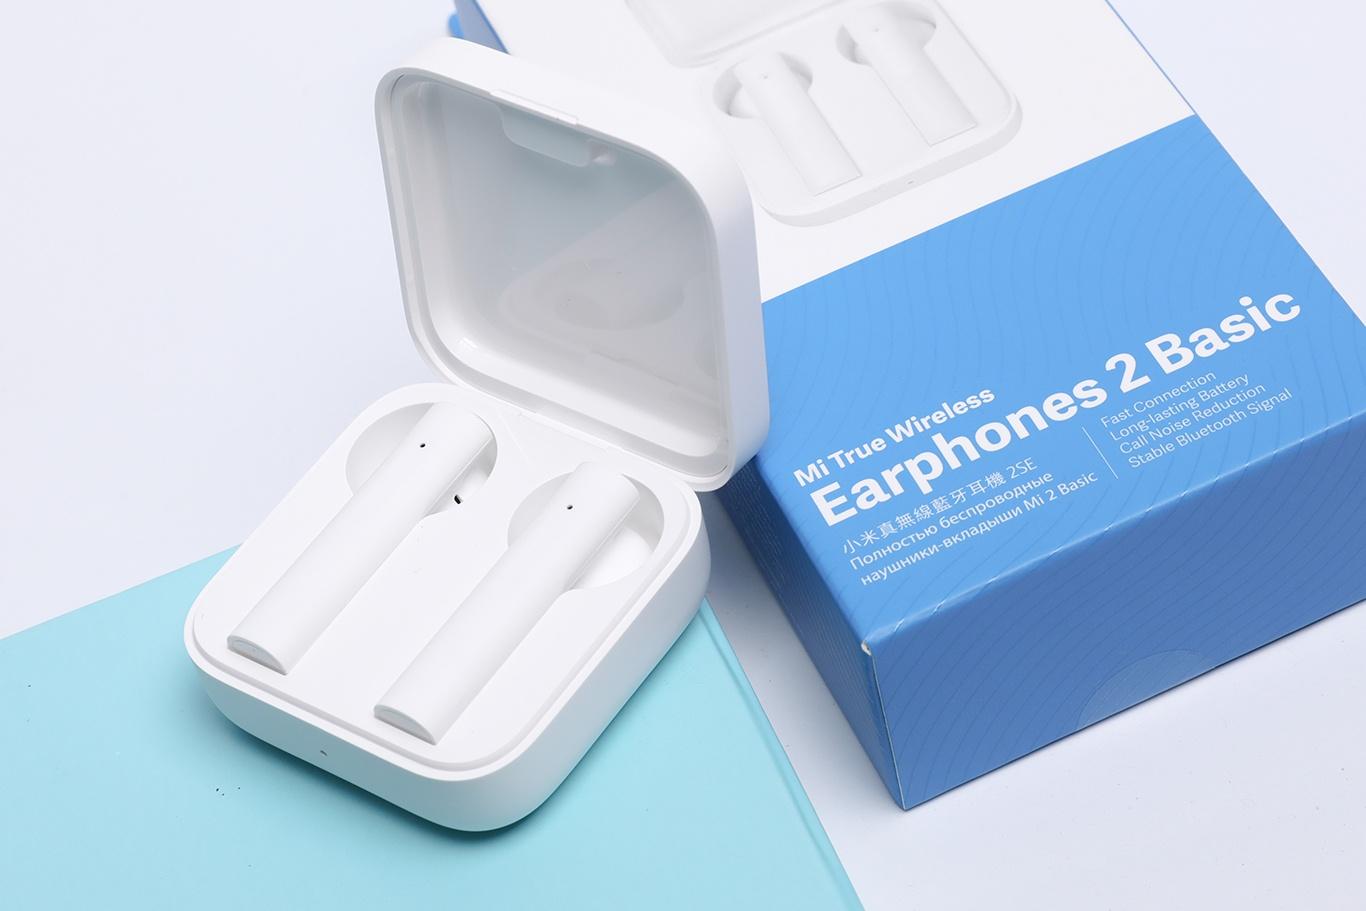 produk baru xiaomi mi true wireless headphone pro 2 basic alvin tse 10 tahun